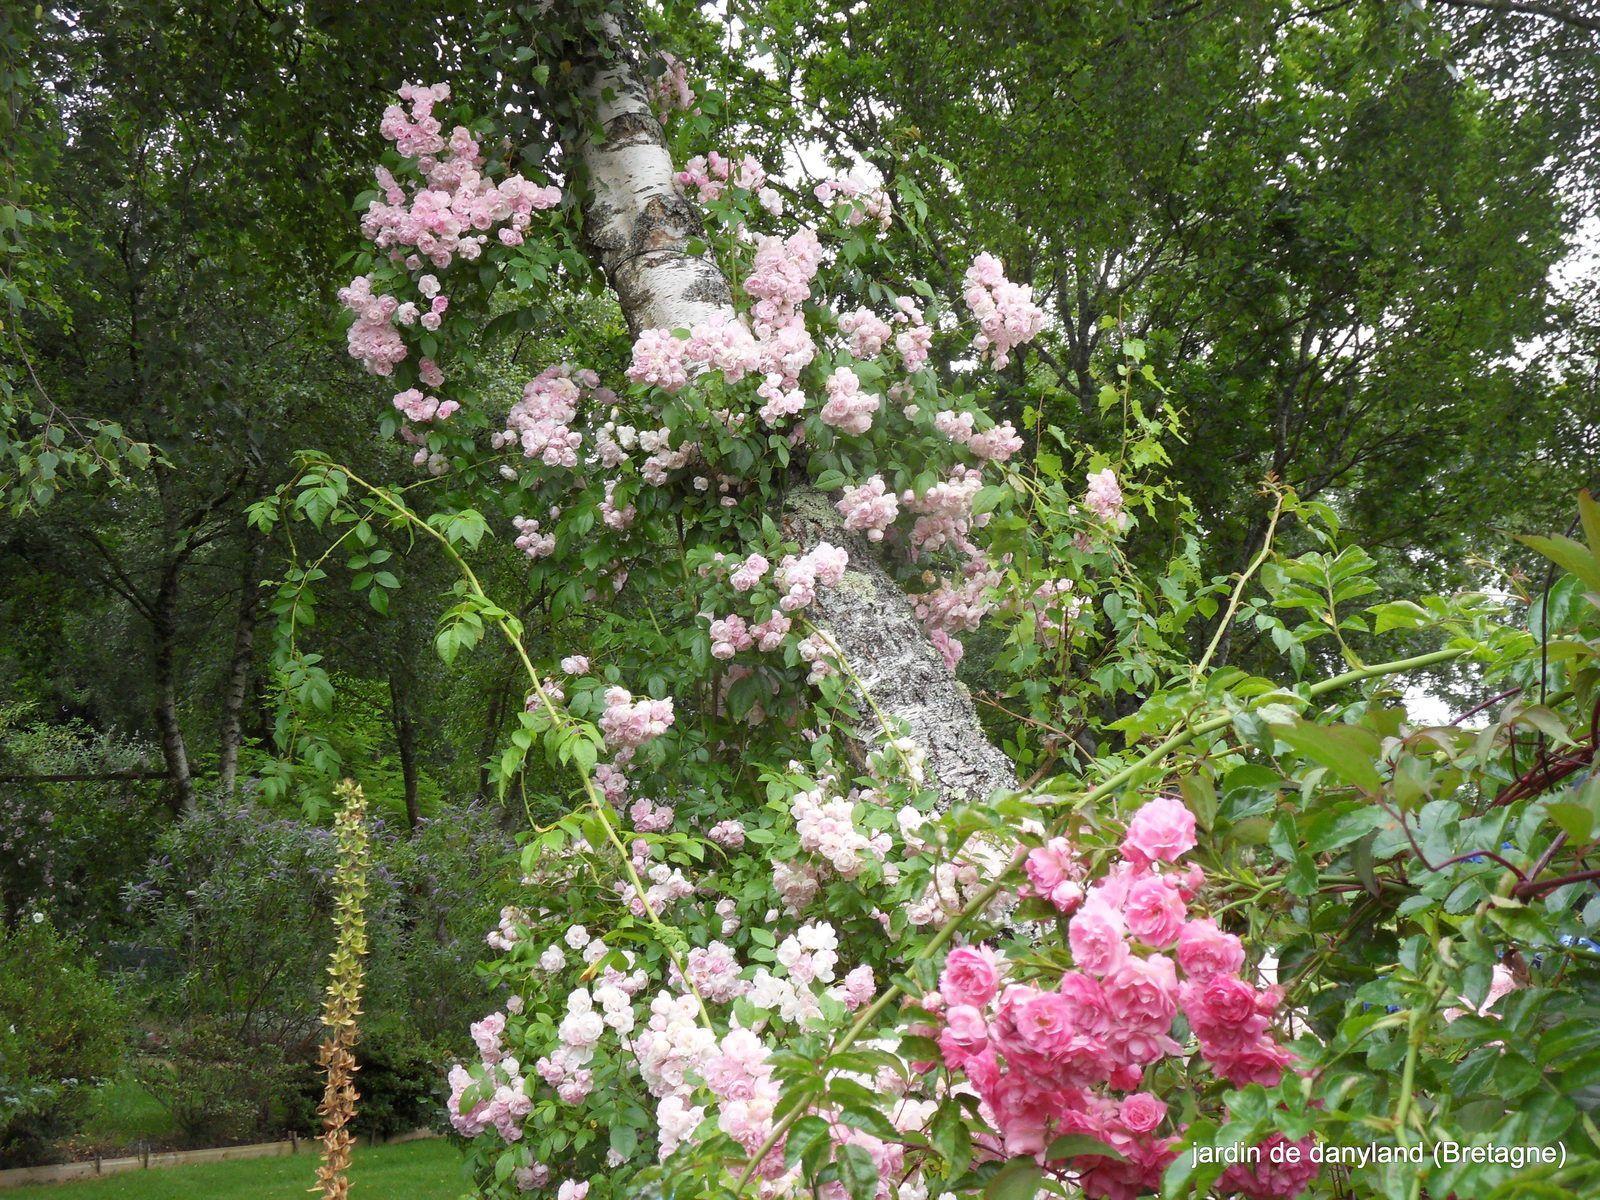 quelques rosiers lianes en situation à la mi- juillet